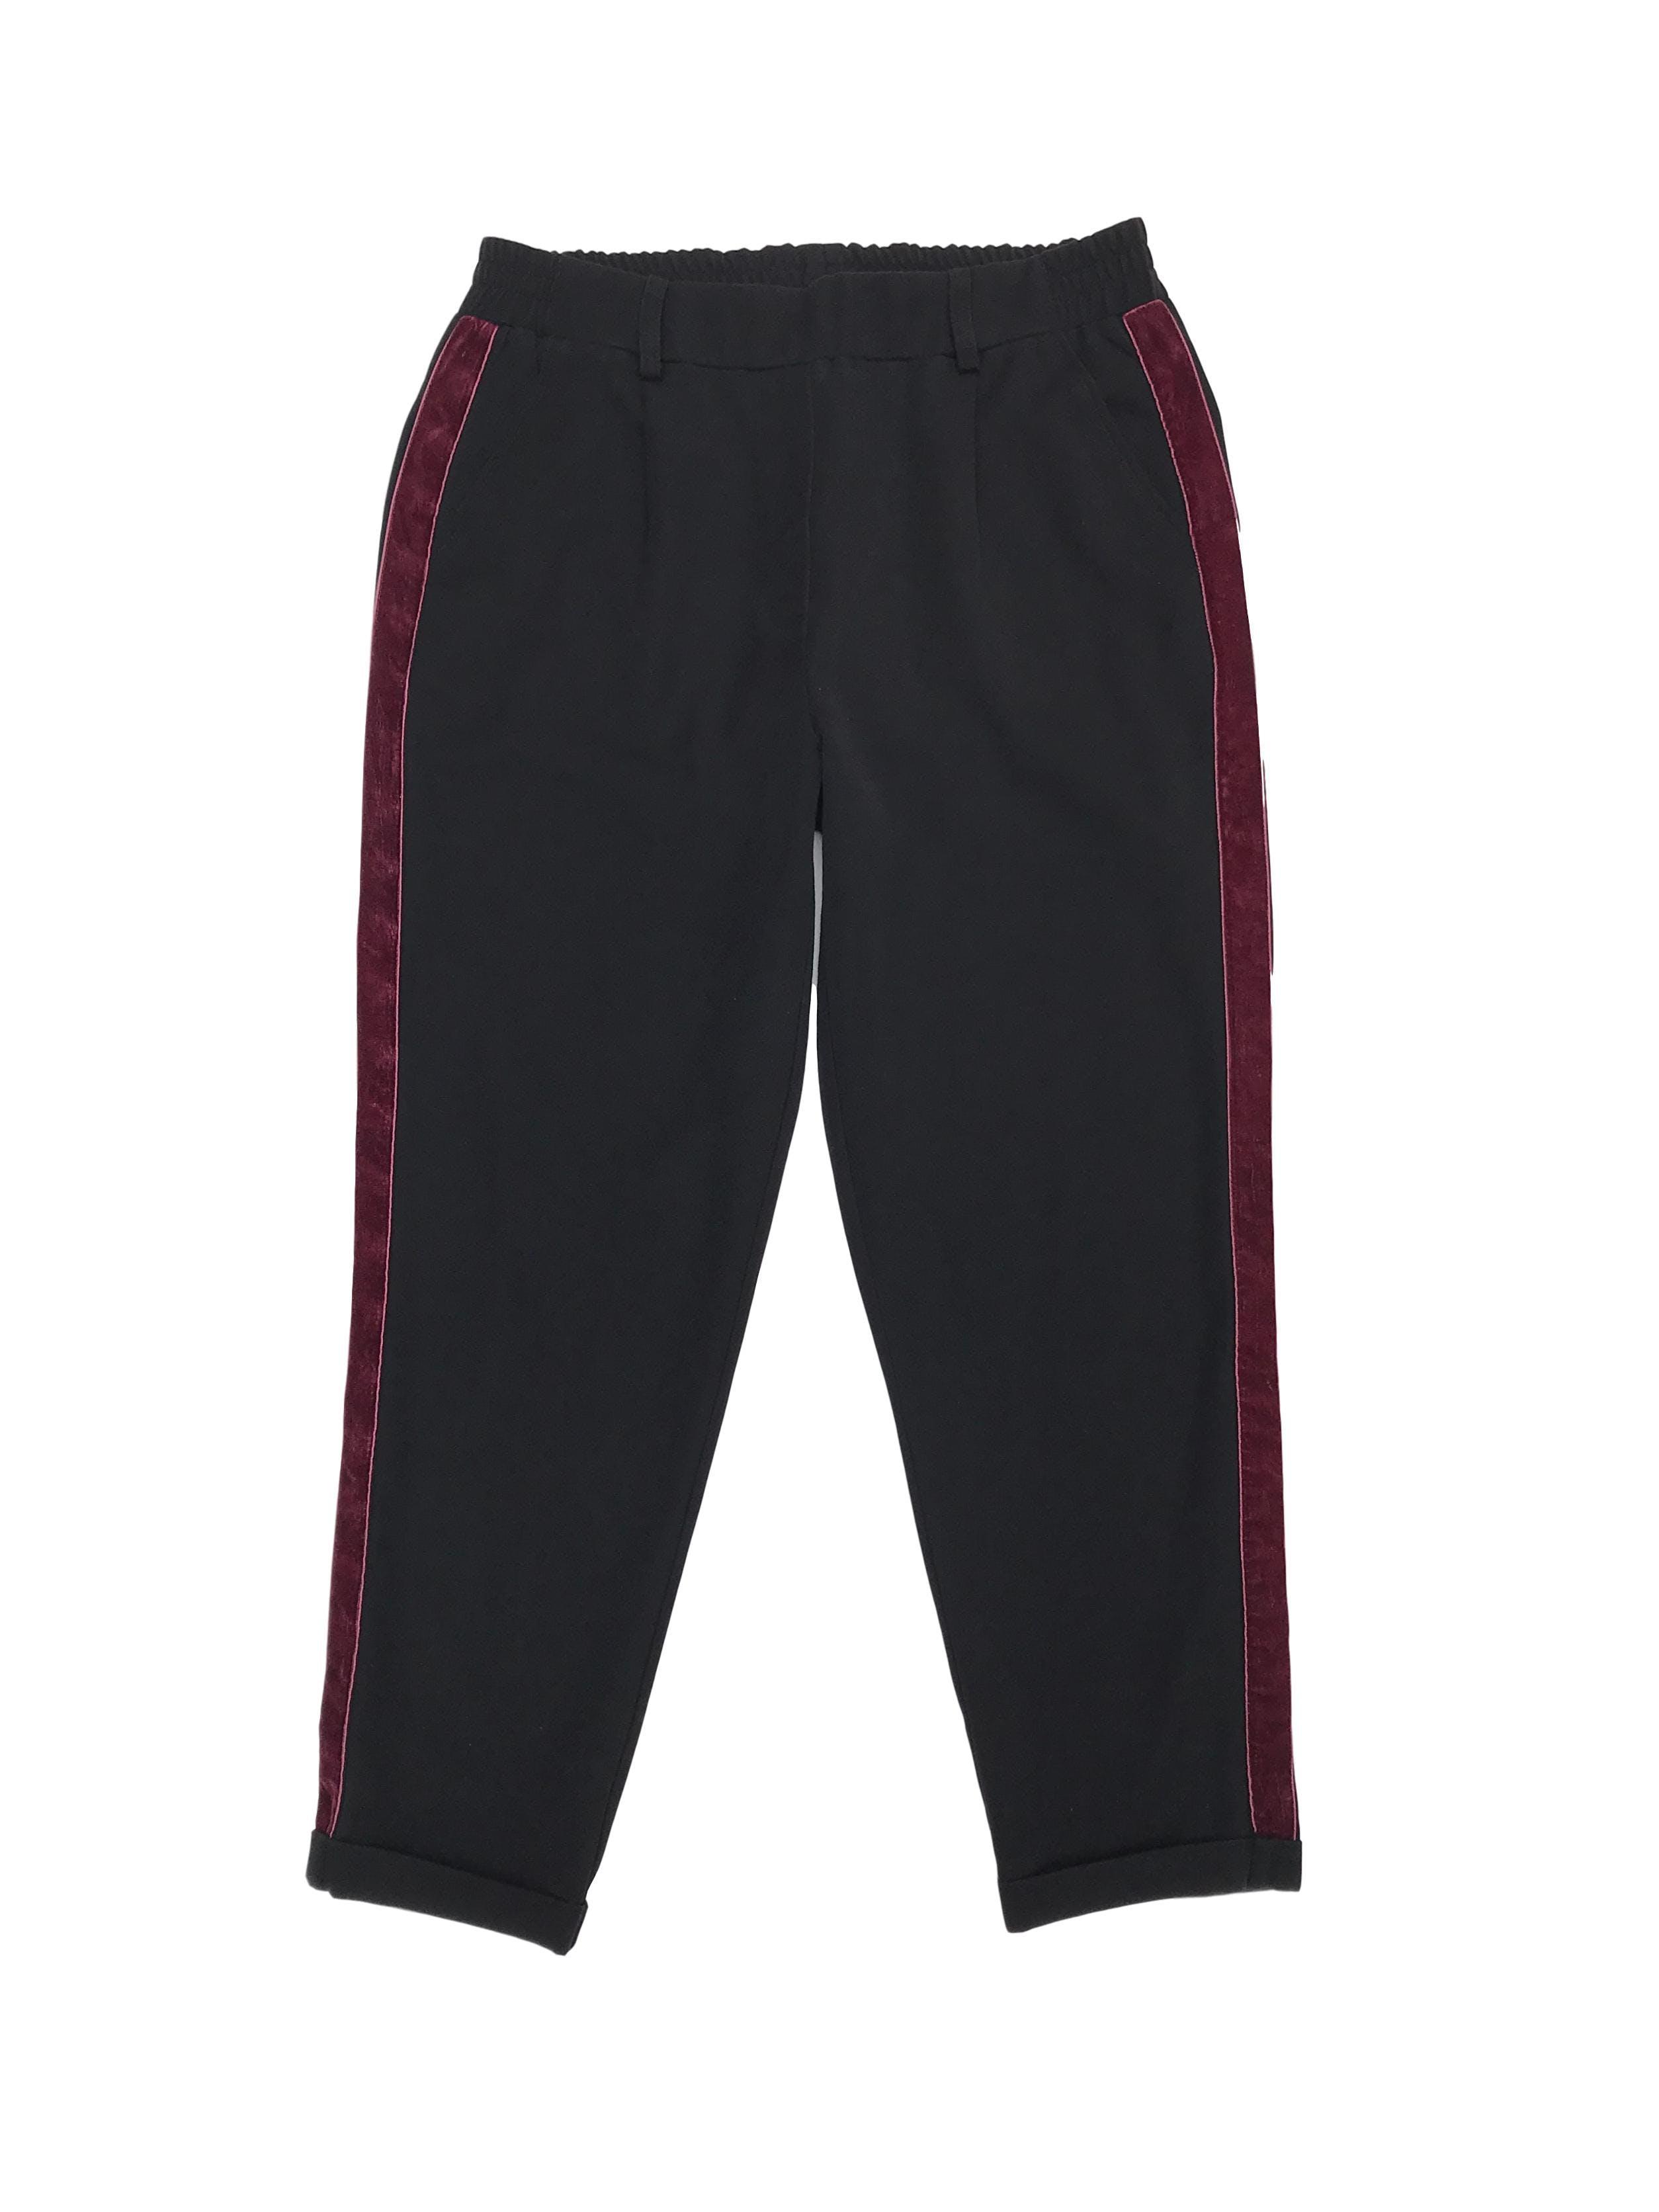 Pantalón estilo jogger con franjas laterales de plush, elástico posterior en la pretina